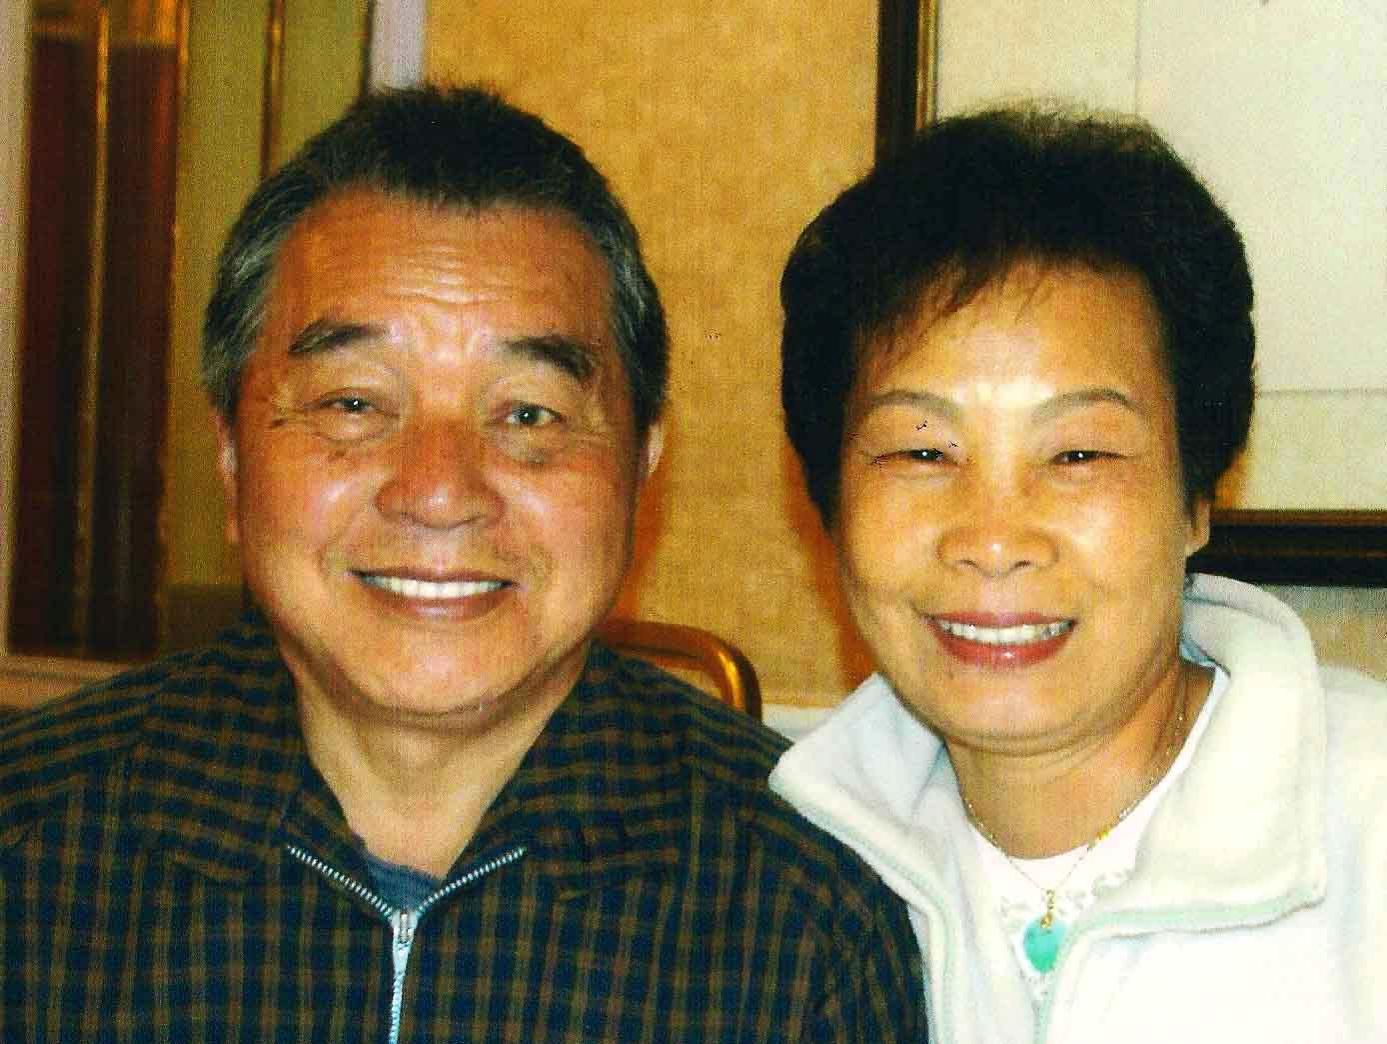 咱的故鄉,咱的故事—一個台灣人的「自我」追尋 ◎楊嘉猷回憶錄第一講